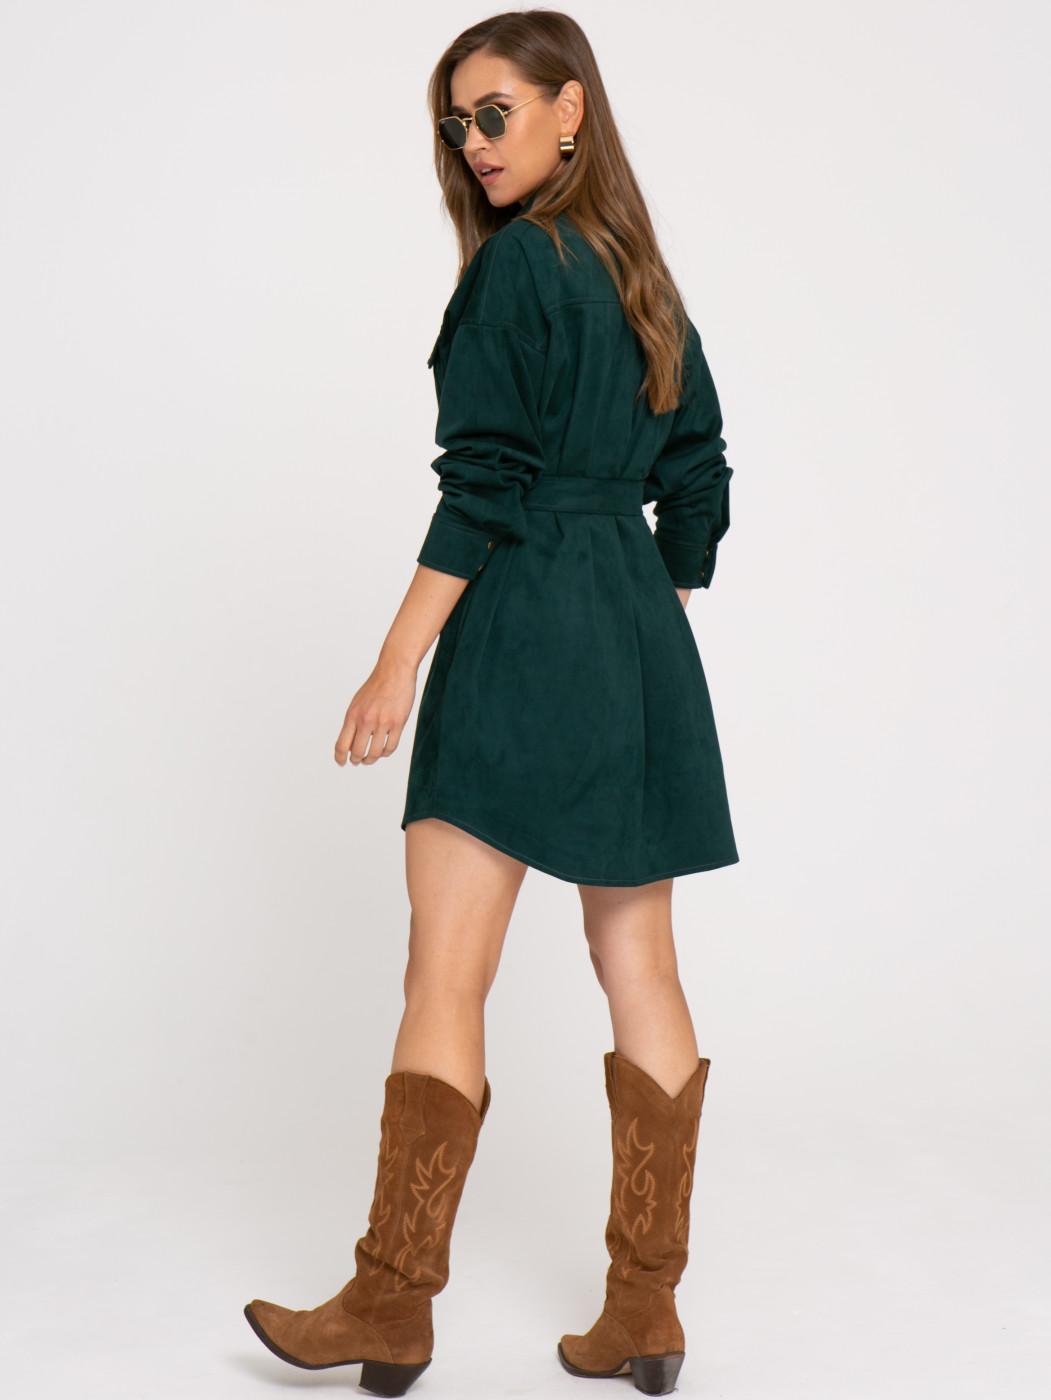 Платье А416 цвет: зеленый